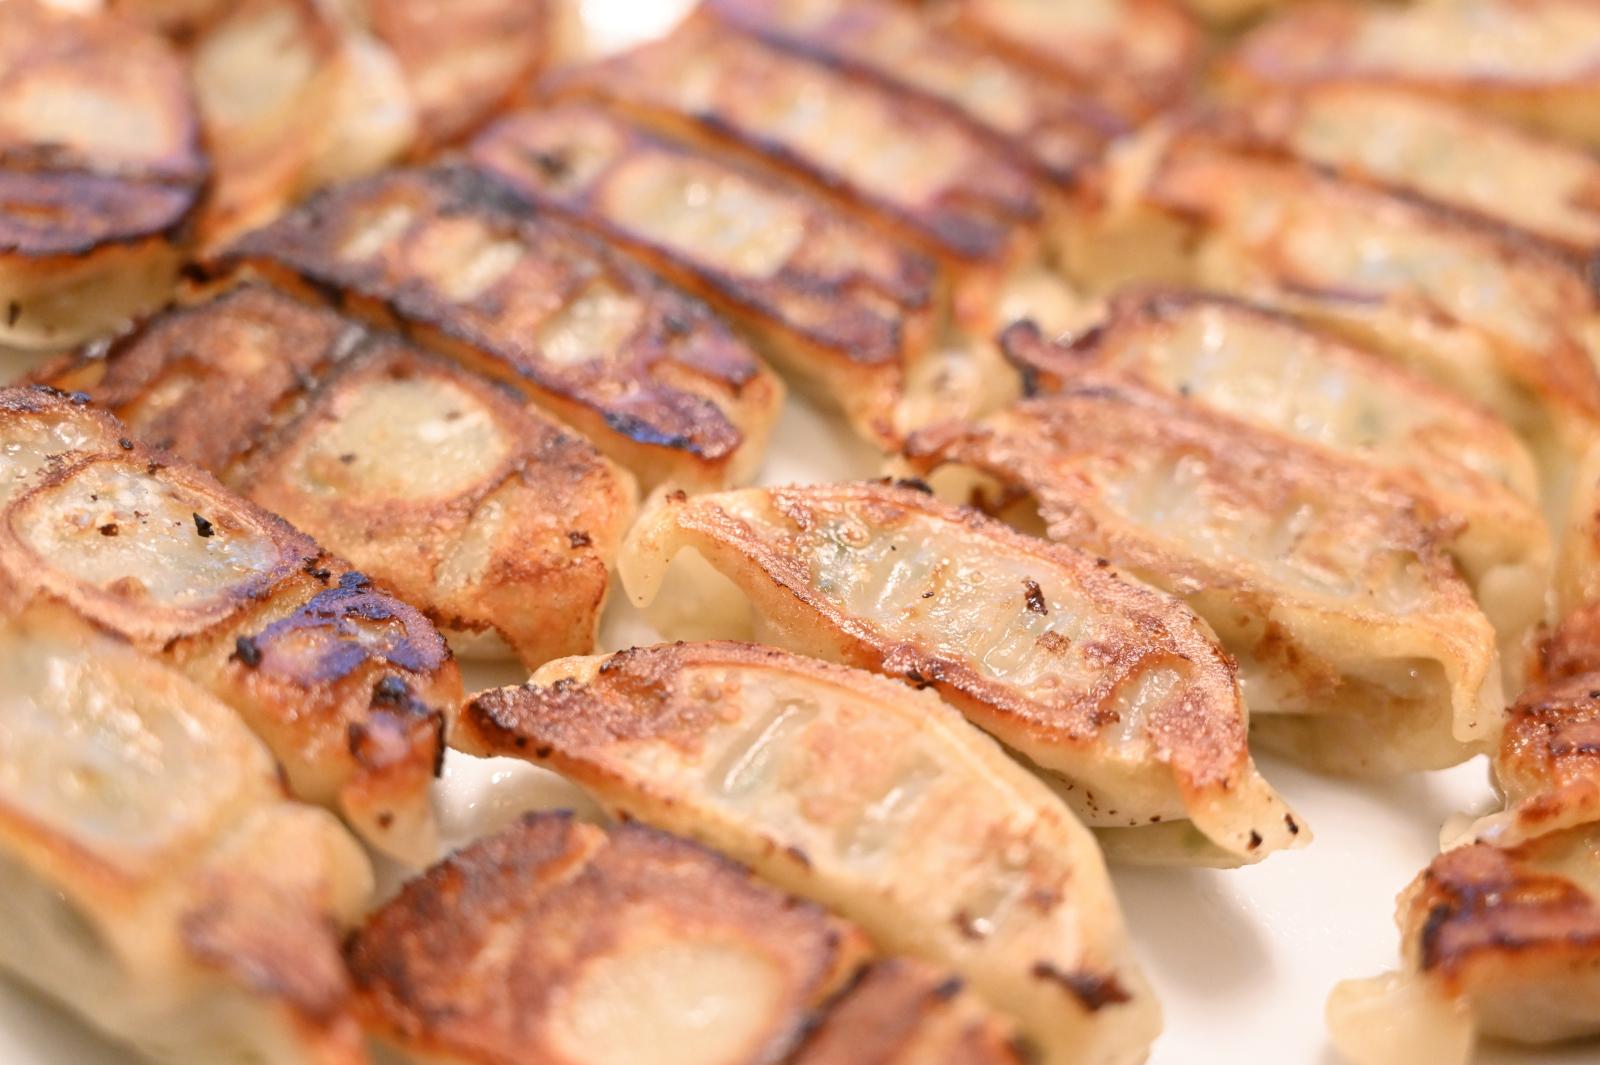 【リニューアル!】東京目黒 中華味一 濃厚肉汁背脂餃子 特製背脂小袋付き 100個入り